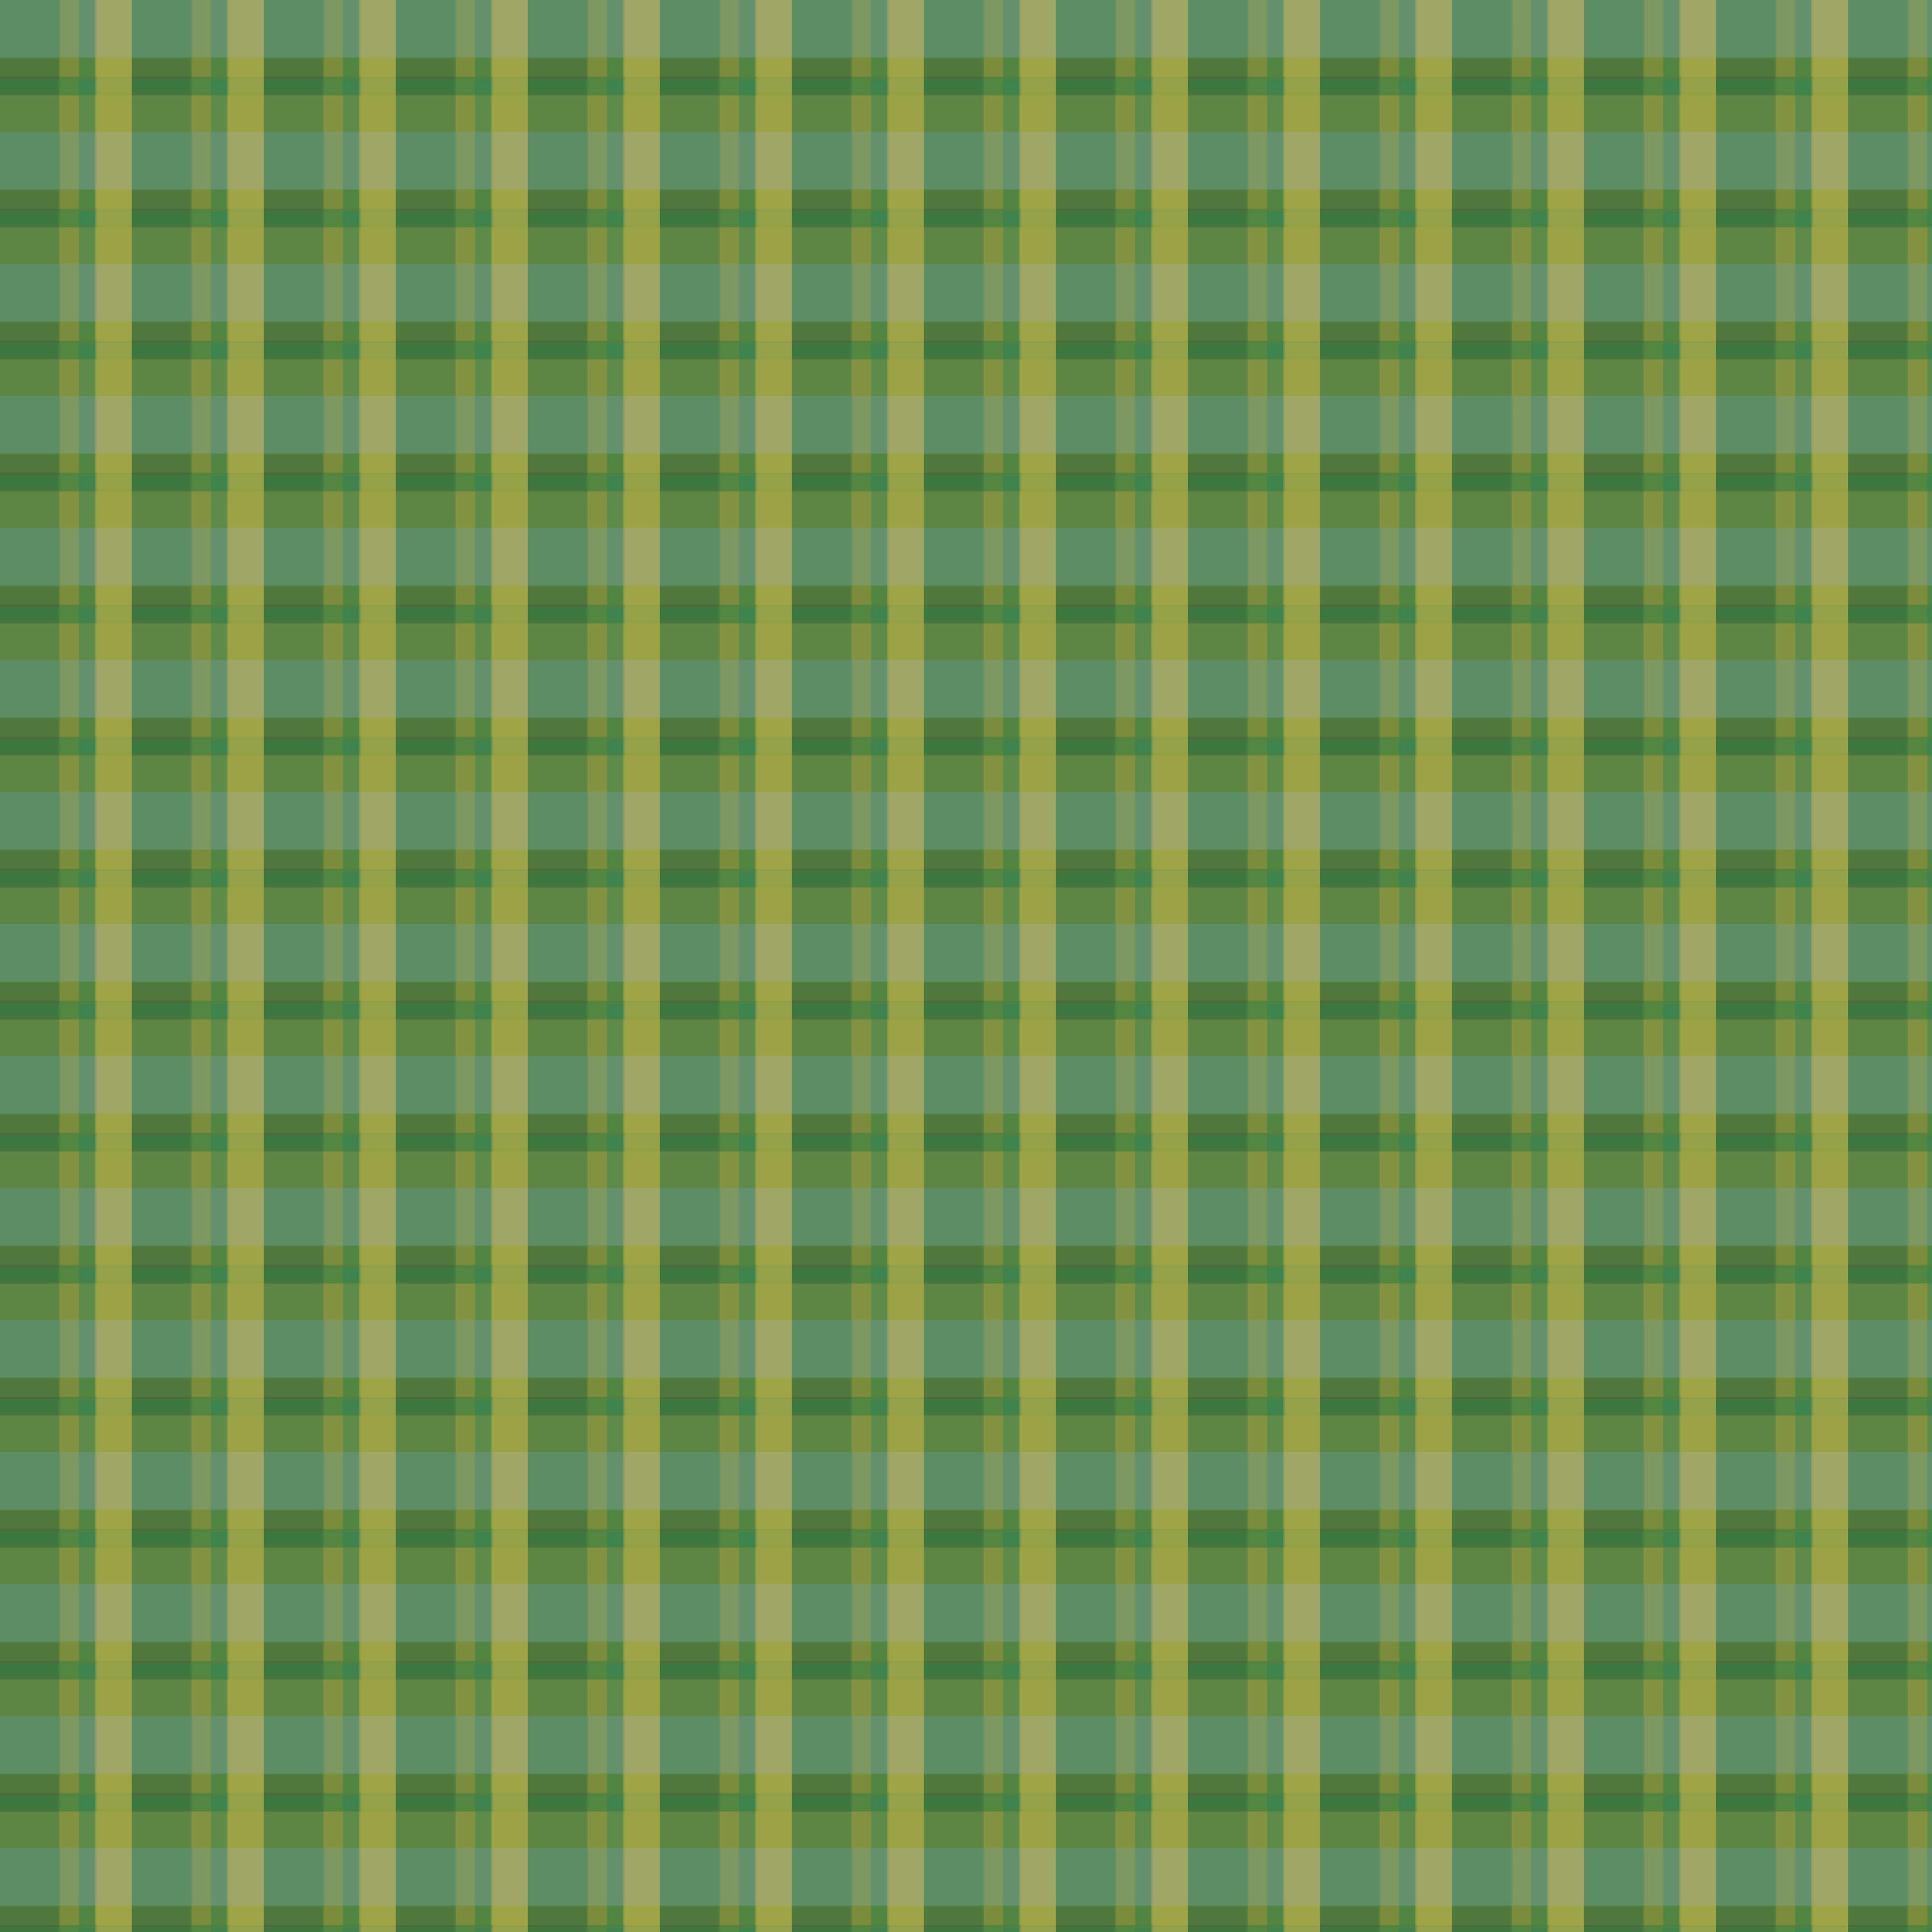 green plaid for gr butterflies CCpsd